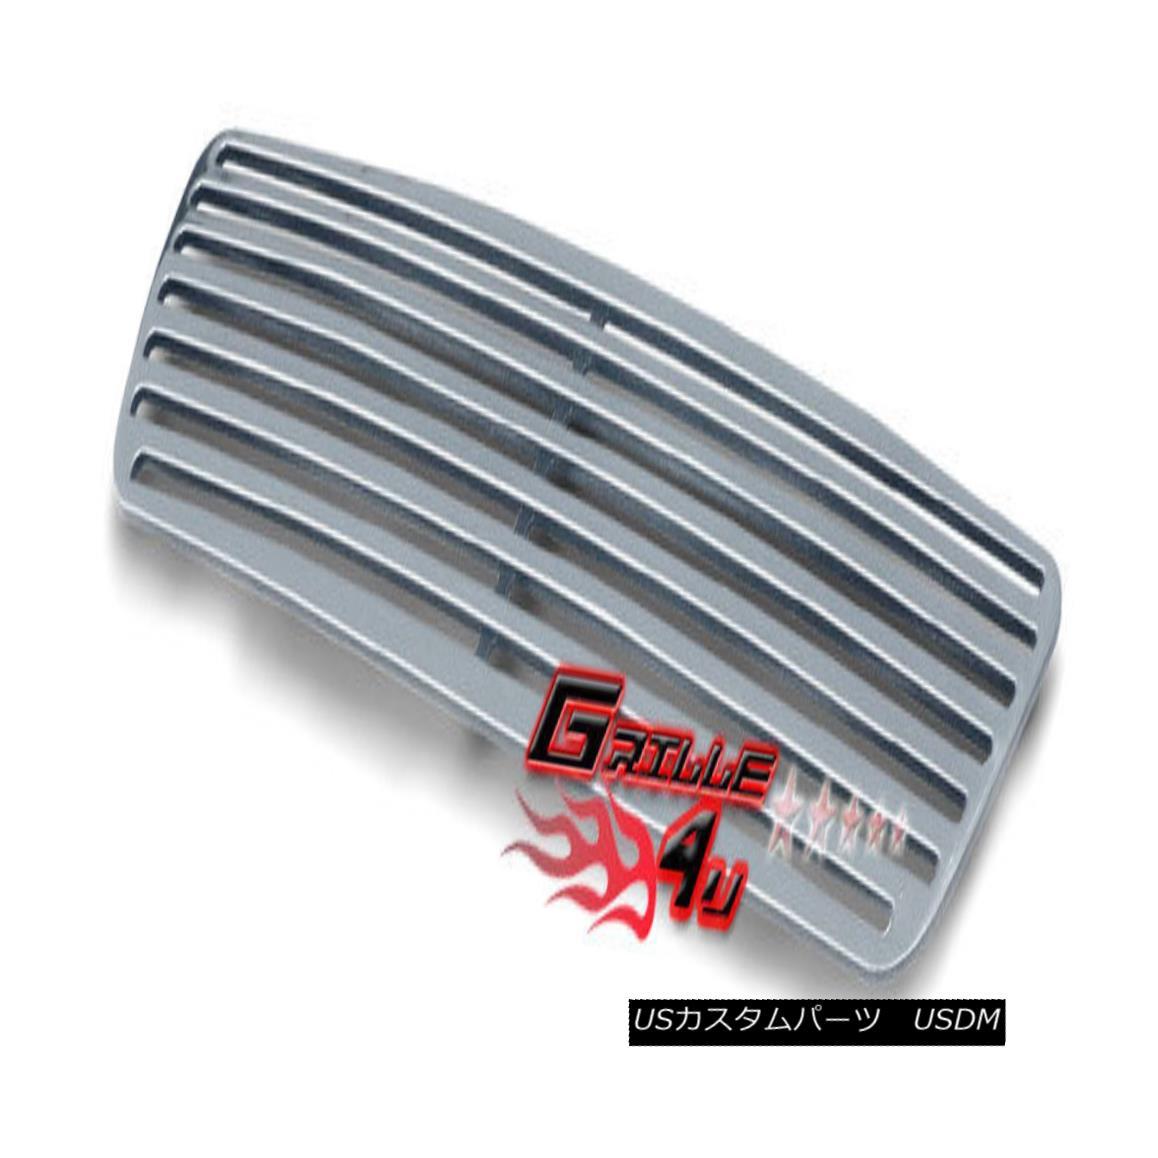 グリル Customized For 2005-2007 Volvo S40/V50 Perimeter Premium Grille Insert 2005-2007 Volvo S40 / V50ペリメータープレミアムグリルインサート用にカスタマイズ